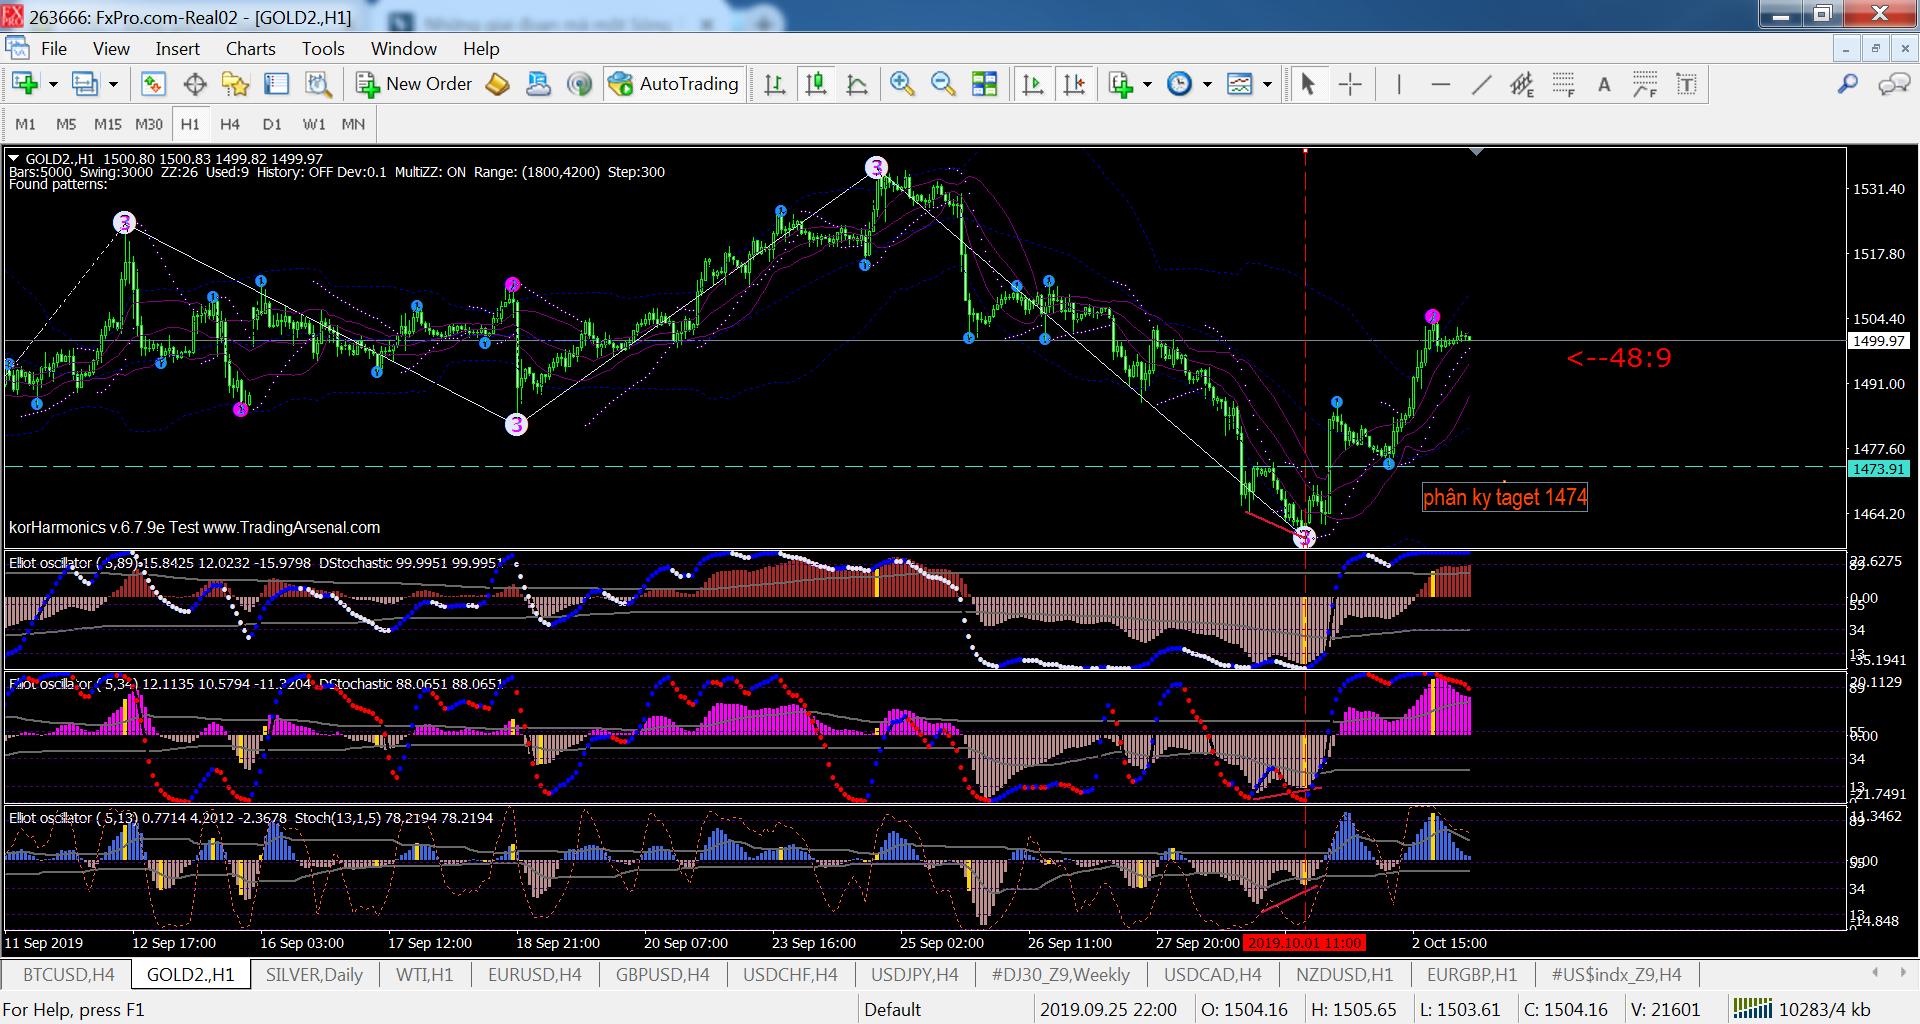 acharts.mql5.com_22_420_gold2_h1_fxpro_global_markets.